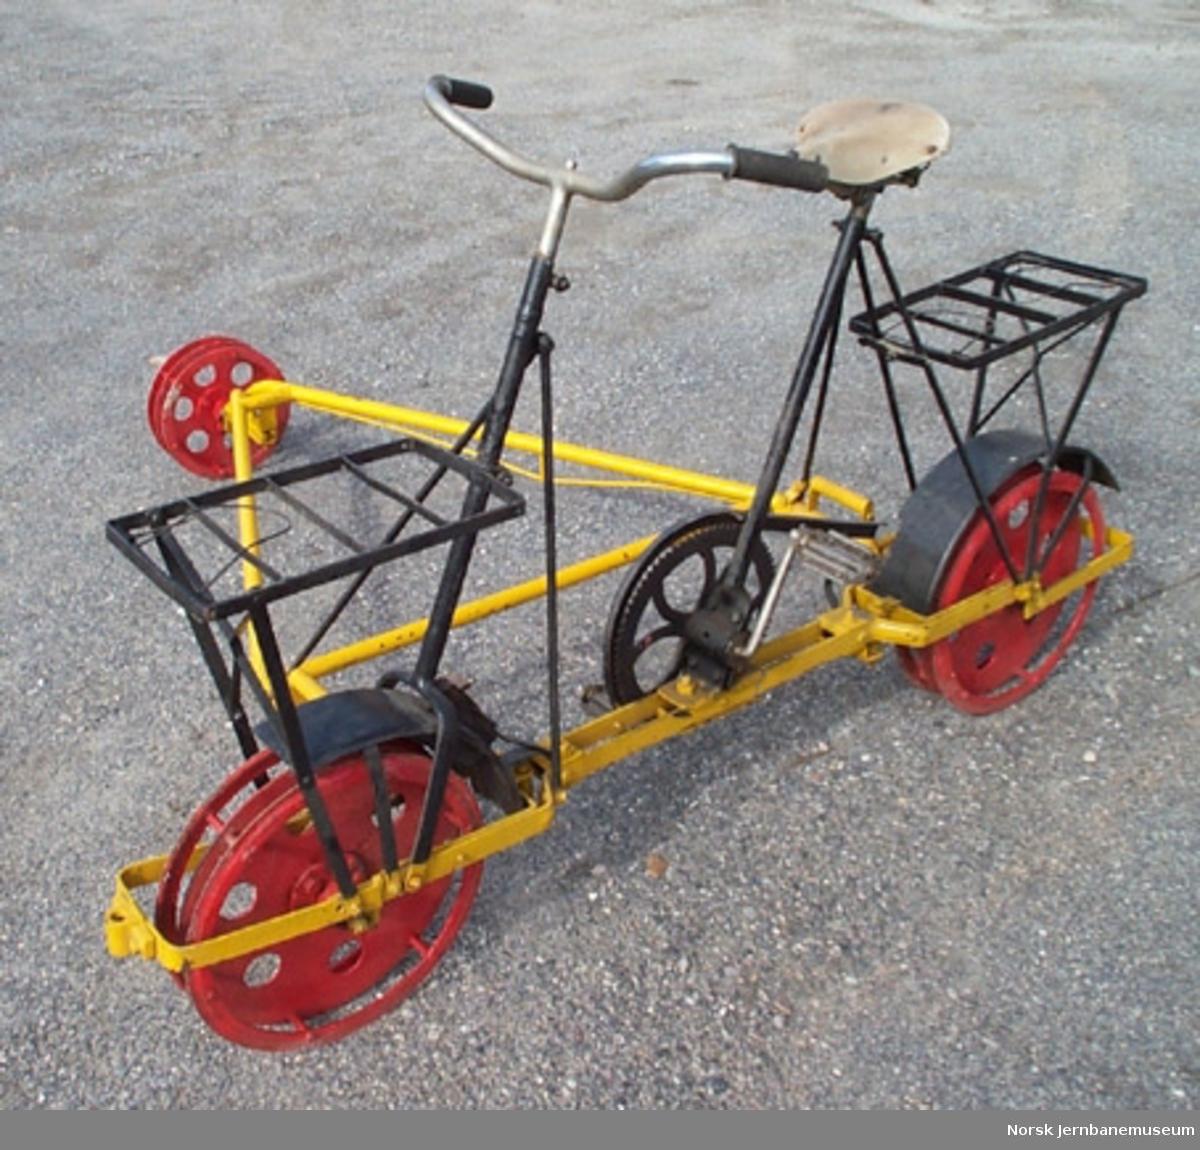 Inspeksjonstralle for normalspor : sykkeldresin med leddet stålramme og lamellhjul